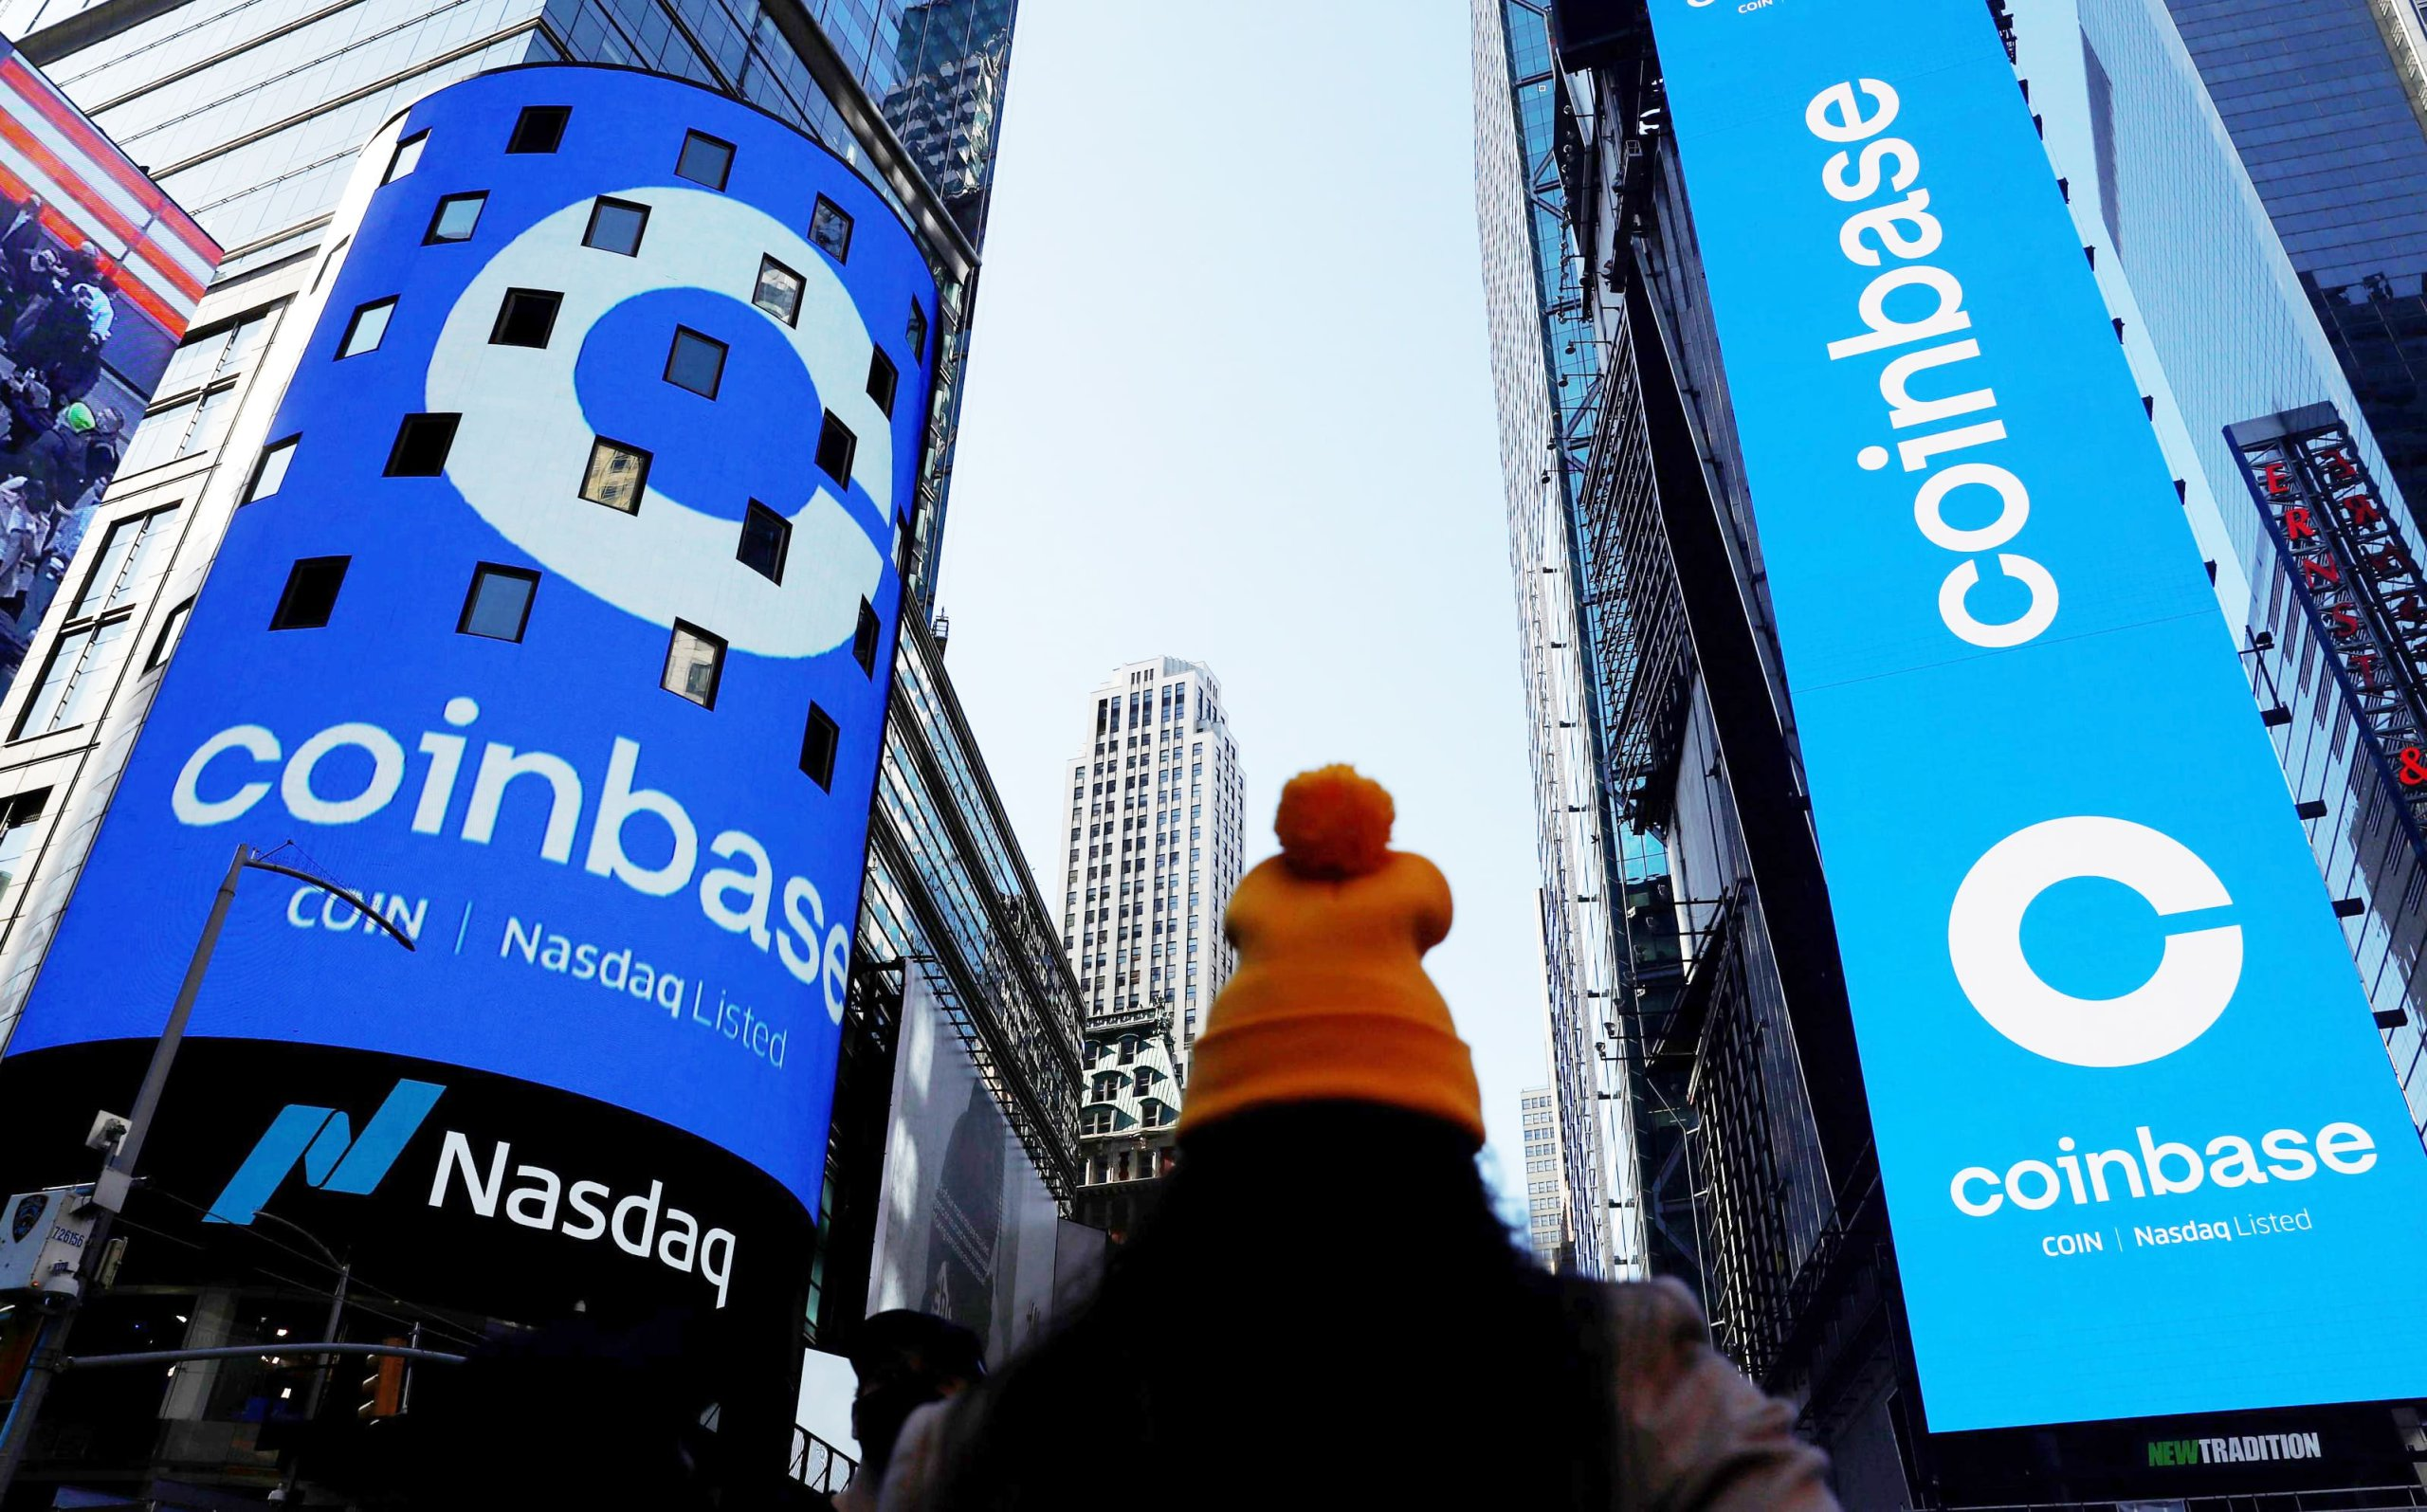 開闢多重收入來源!Coinbase 年底推出 NFT 交易平台